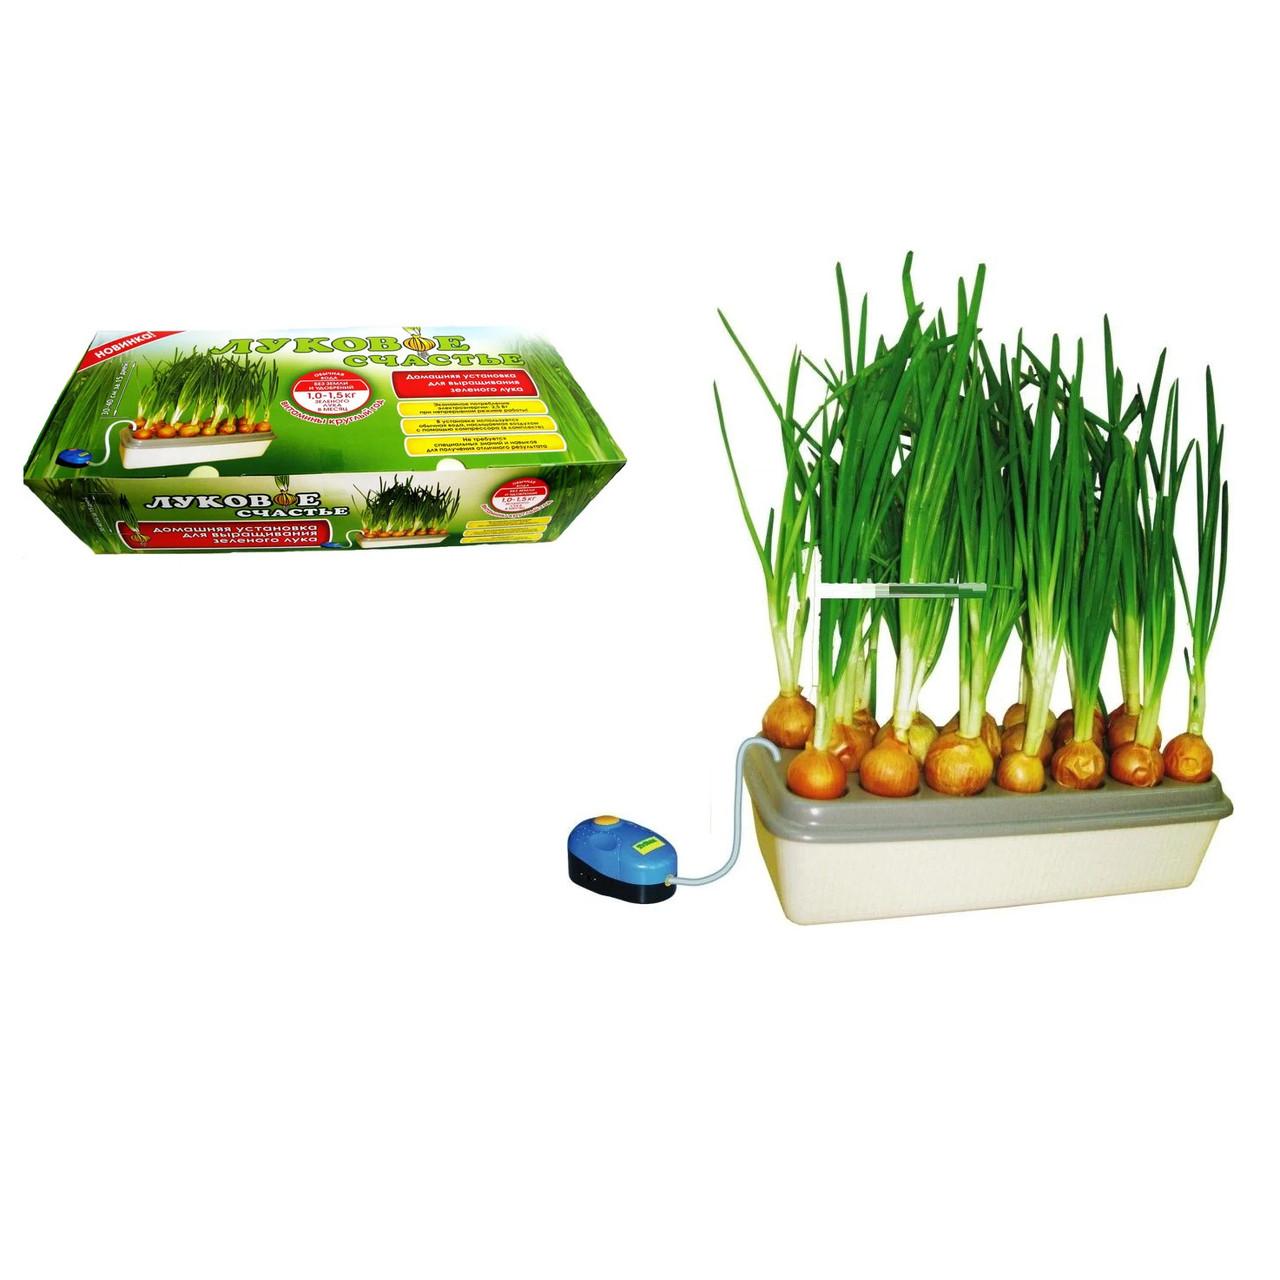 Аппарат прибор для выращивания зеленого лука гидропоника для дома «Луковое счастье»